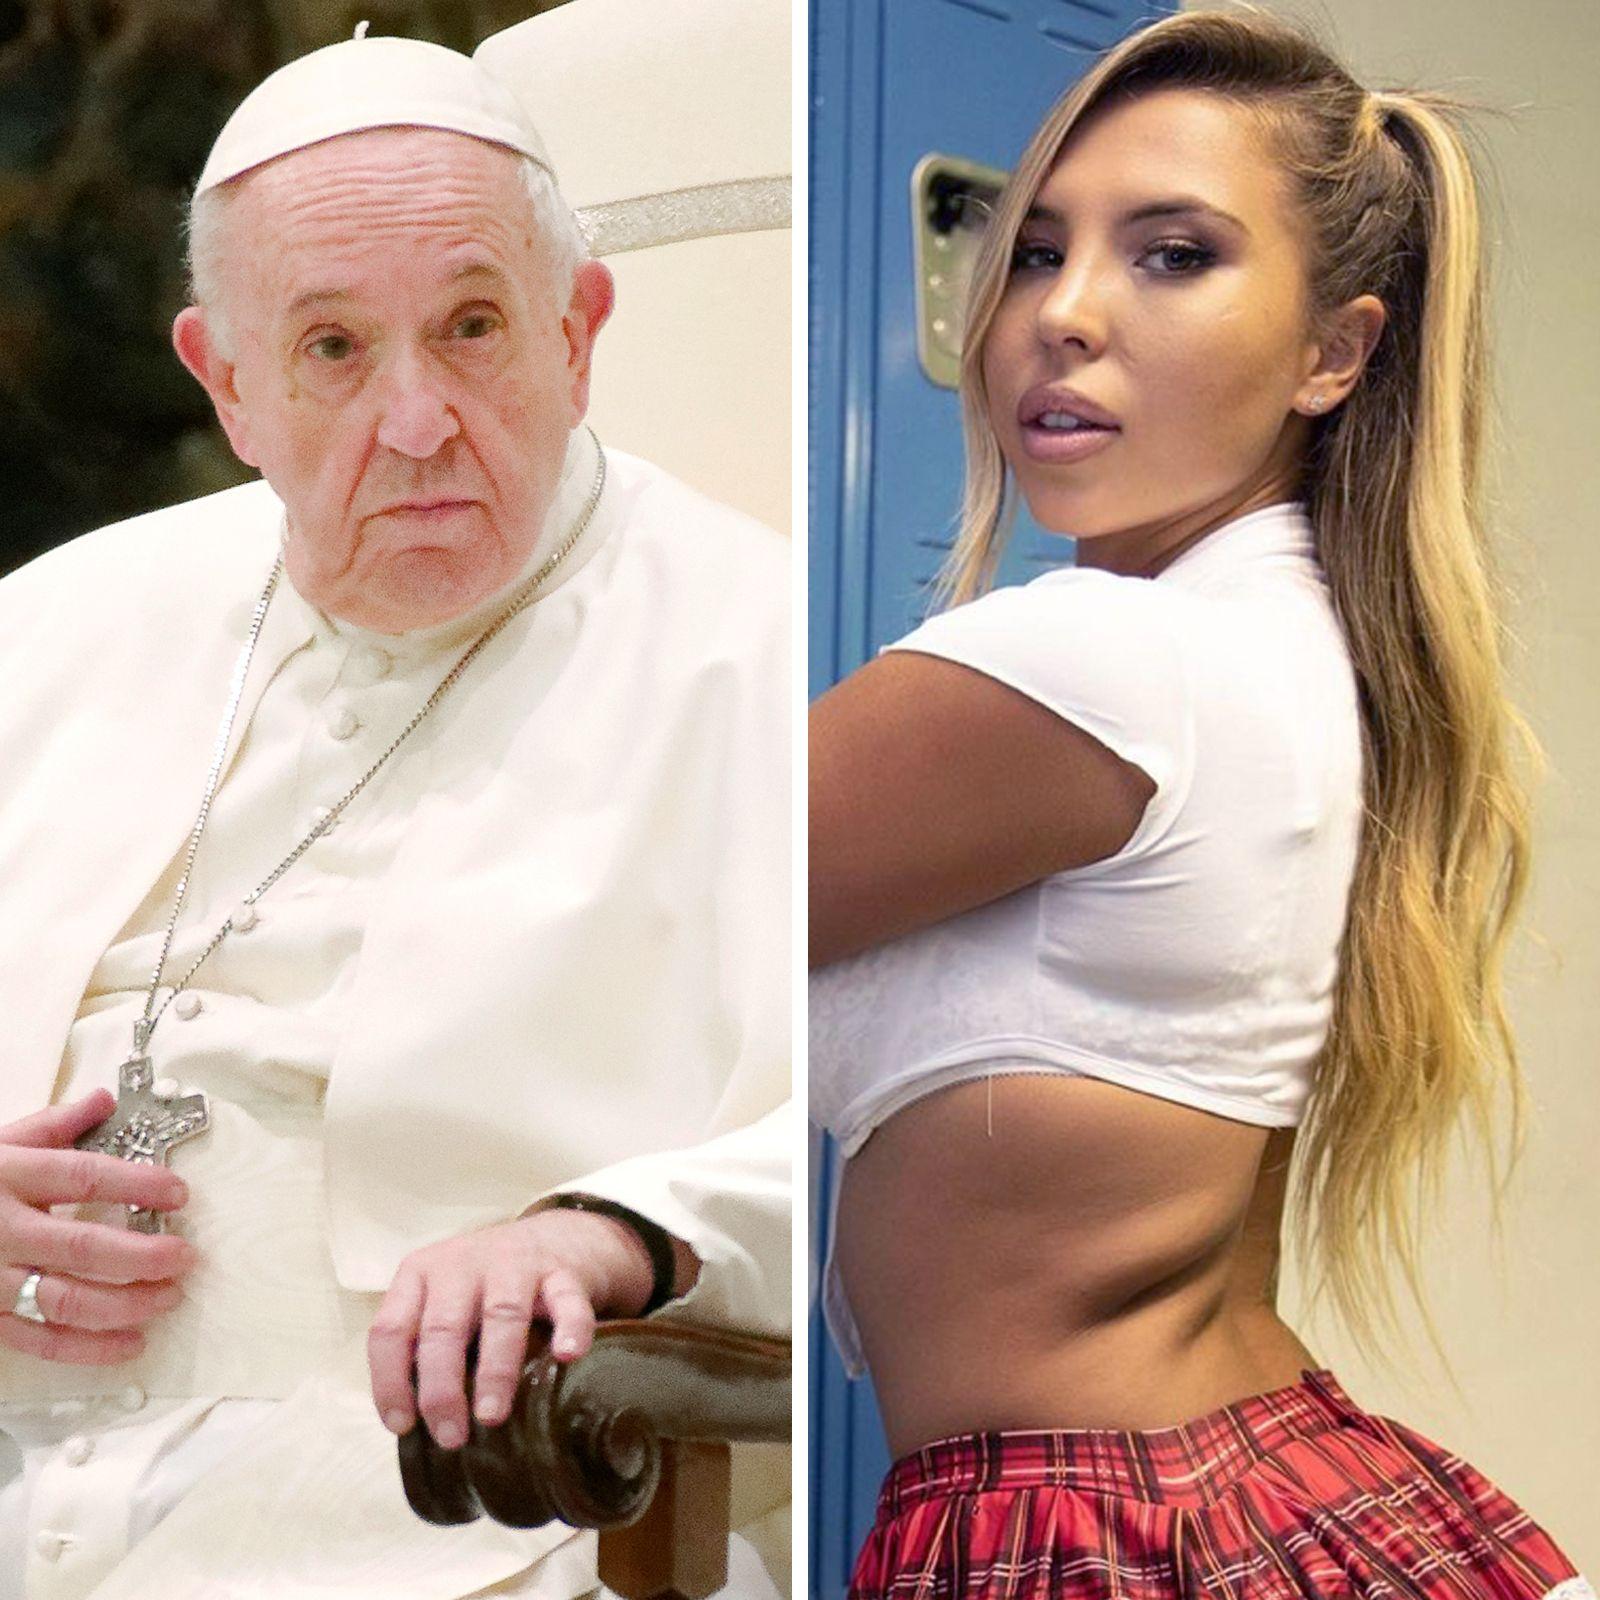 ¿Realmente le dio un like el Papa Francisco a la foto de una modelo brasileña semidesnuda?